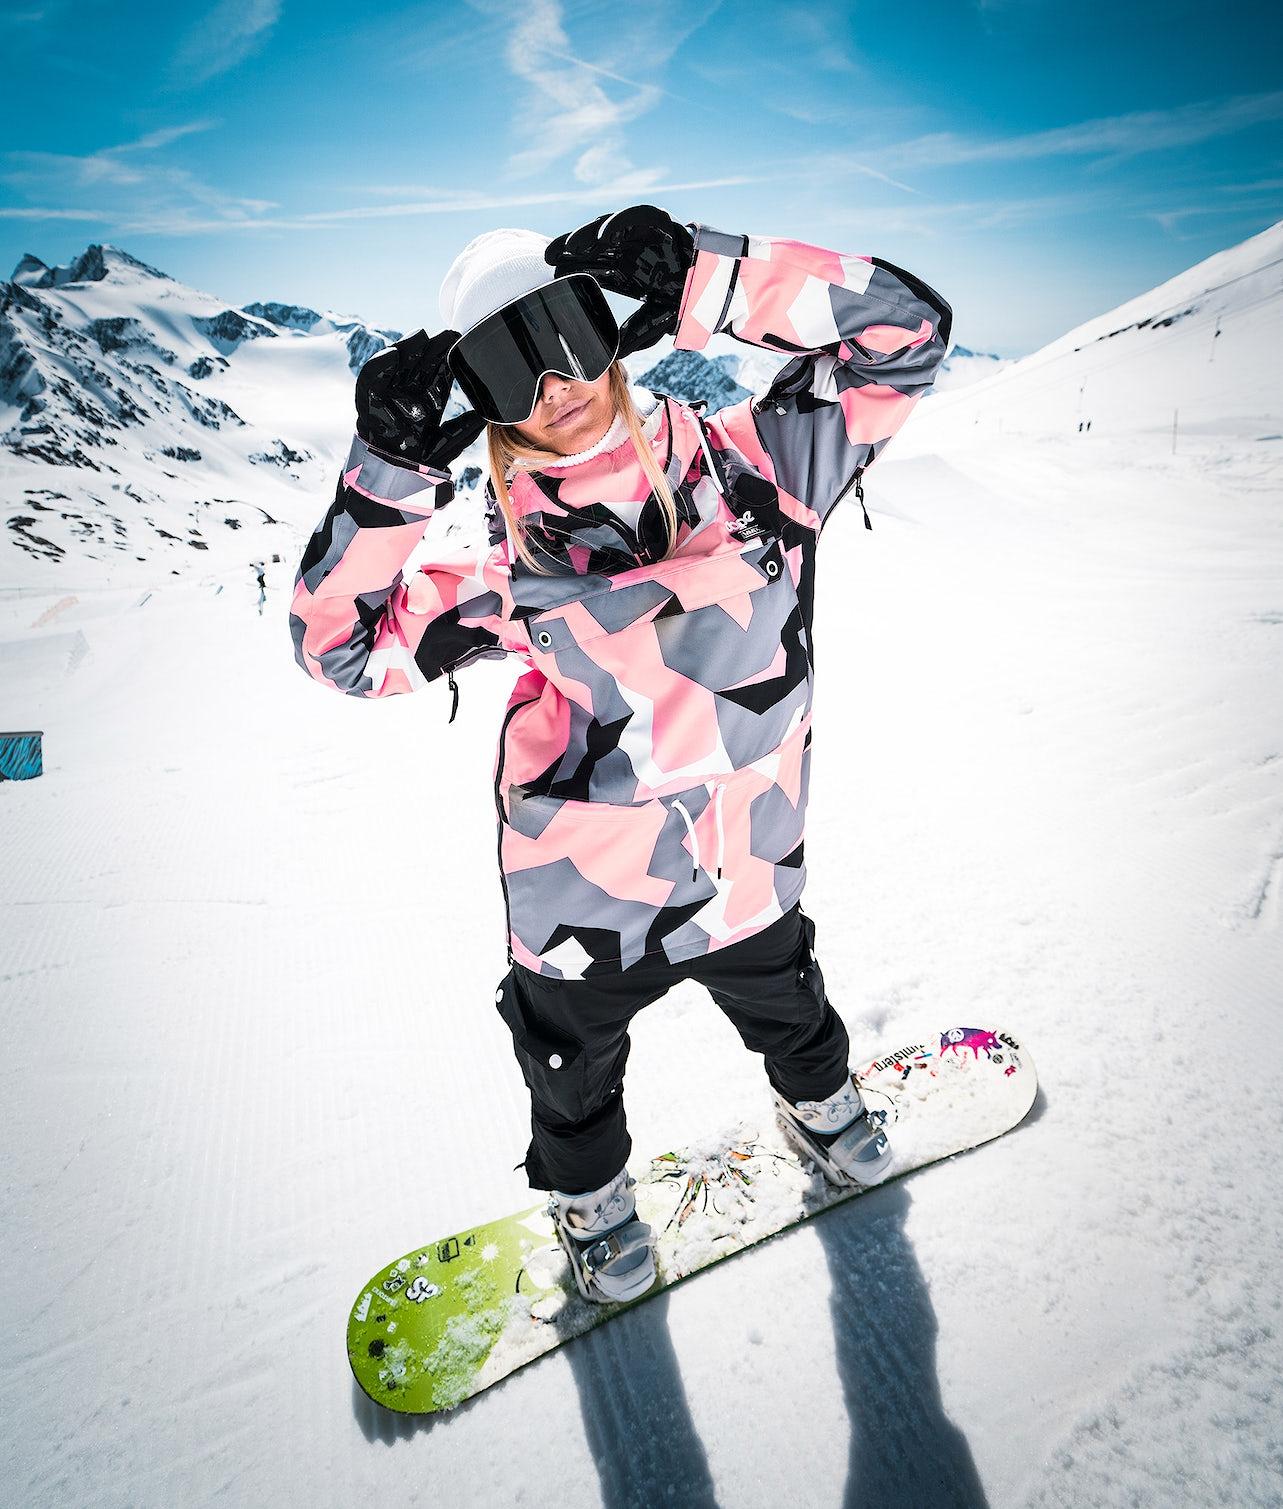 Kjøp Annok W 18 Snowboardjakke fra Dope på Ridestore.no - Hos oss har du alltid fri frakt, fri retur og 30 dagers åpent kjøp!